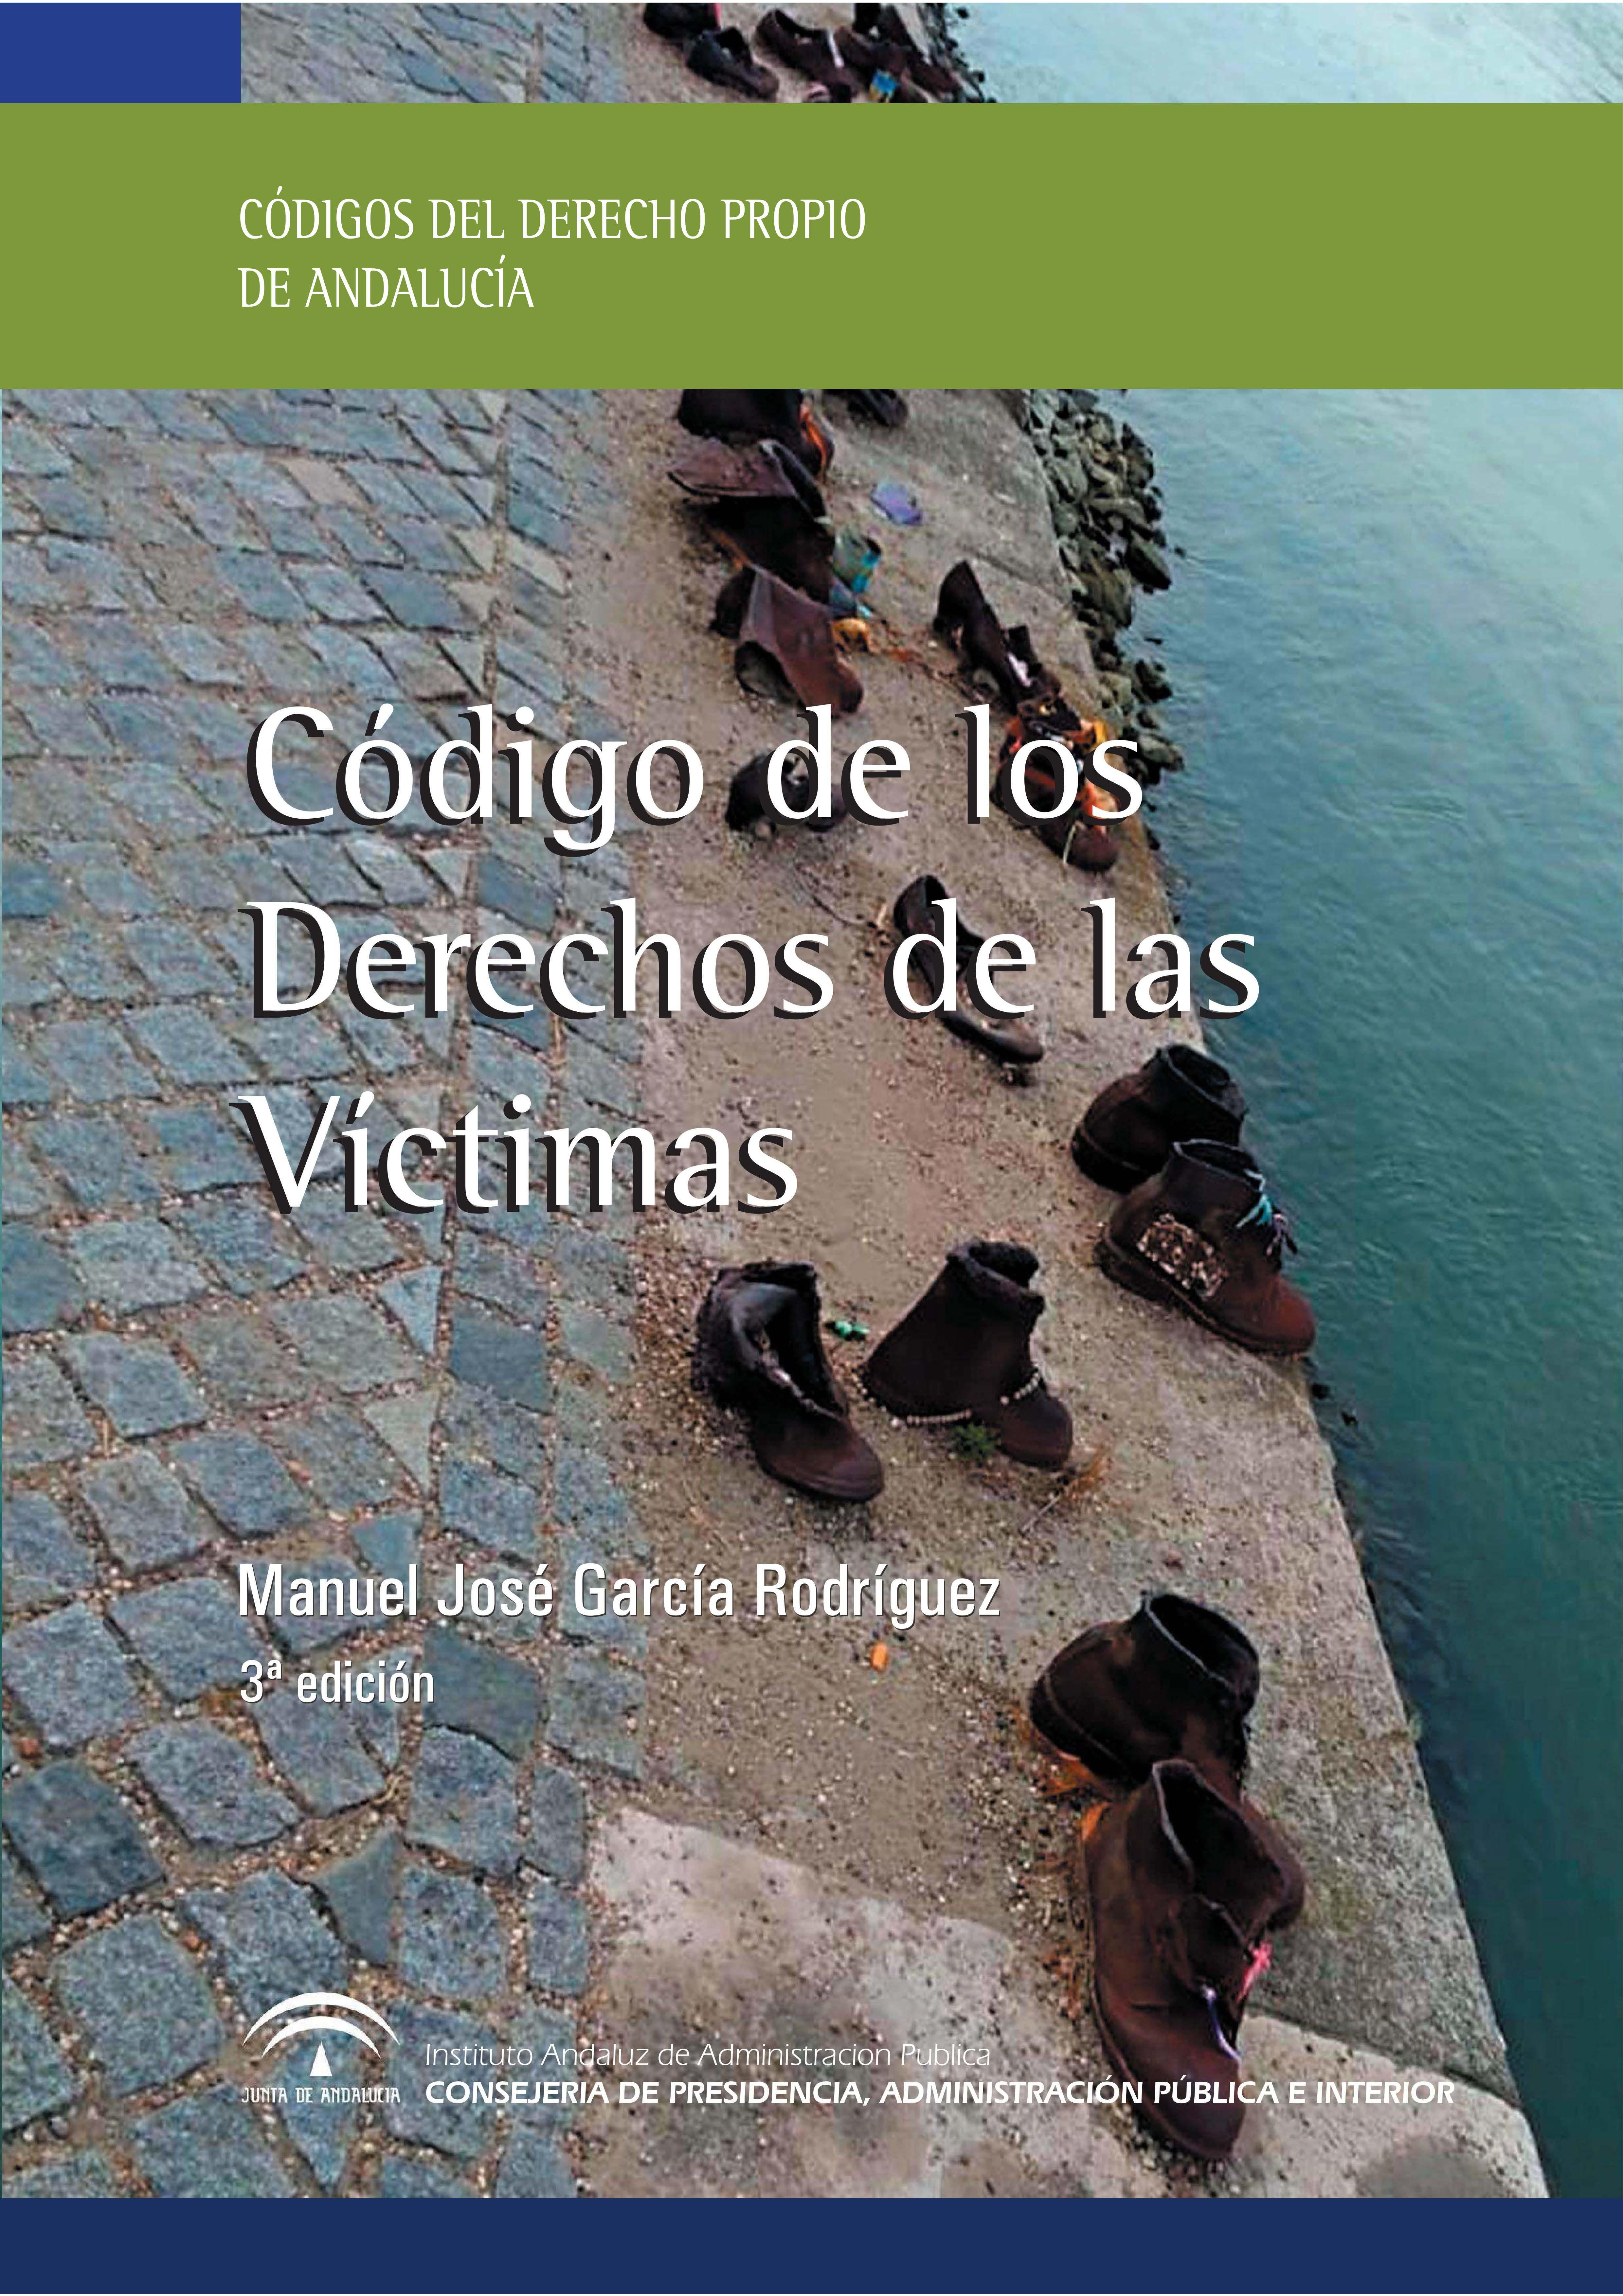 CÓDIGO DE LOS DERECHOS DE LAS VÍCTIMAS EN ANDALUCÍA, EL (3ª EDICIÓN)